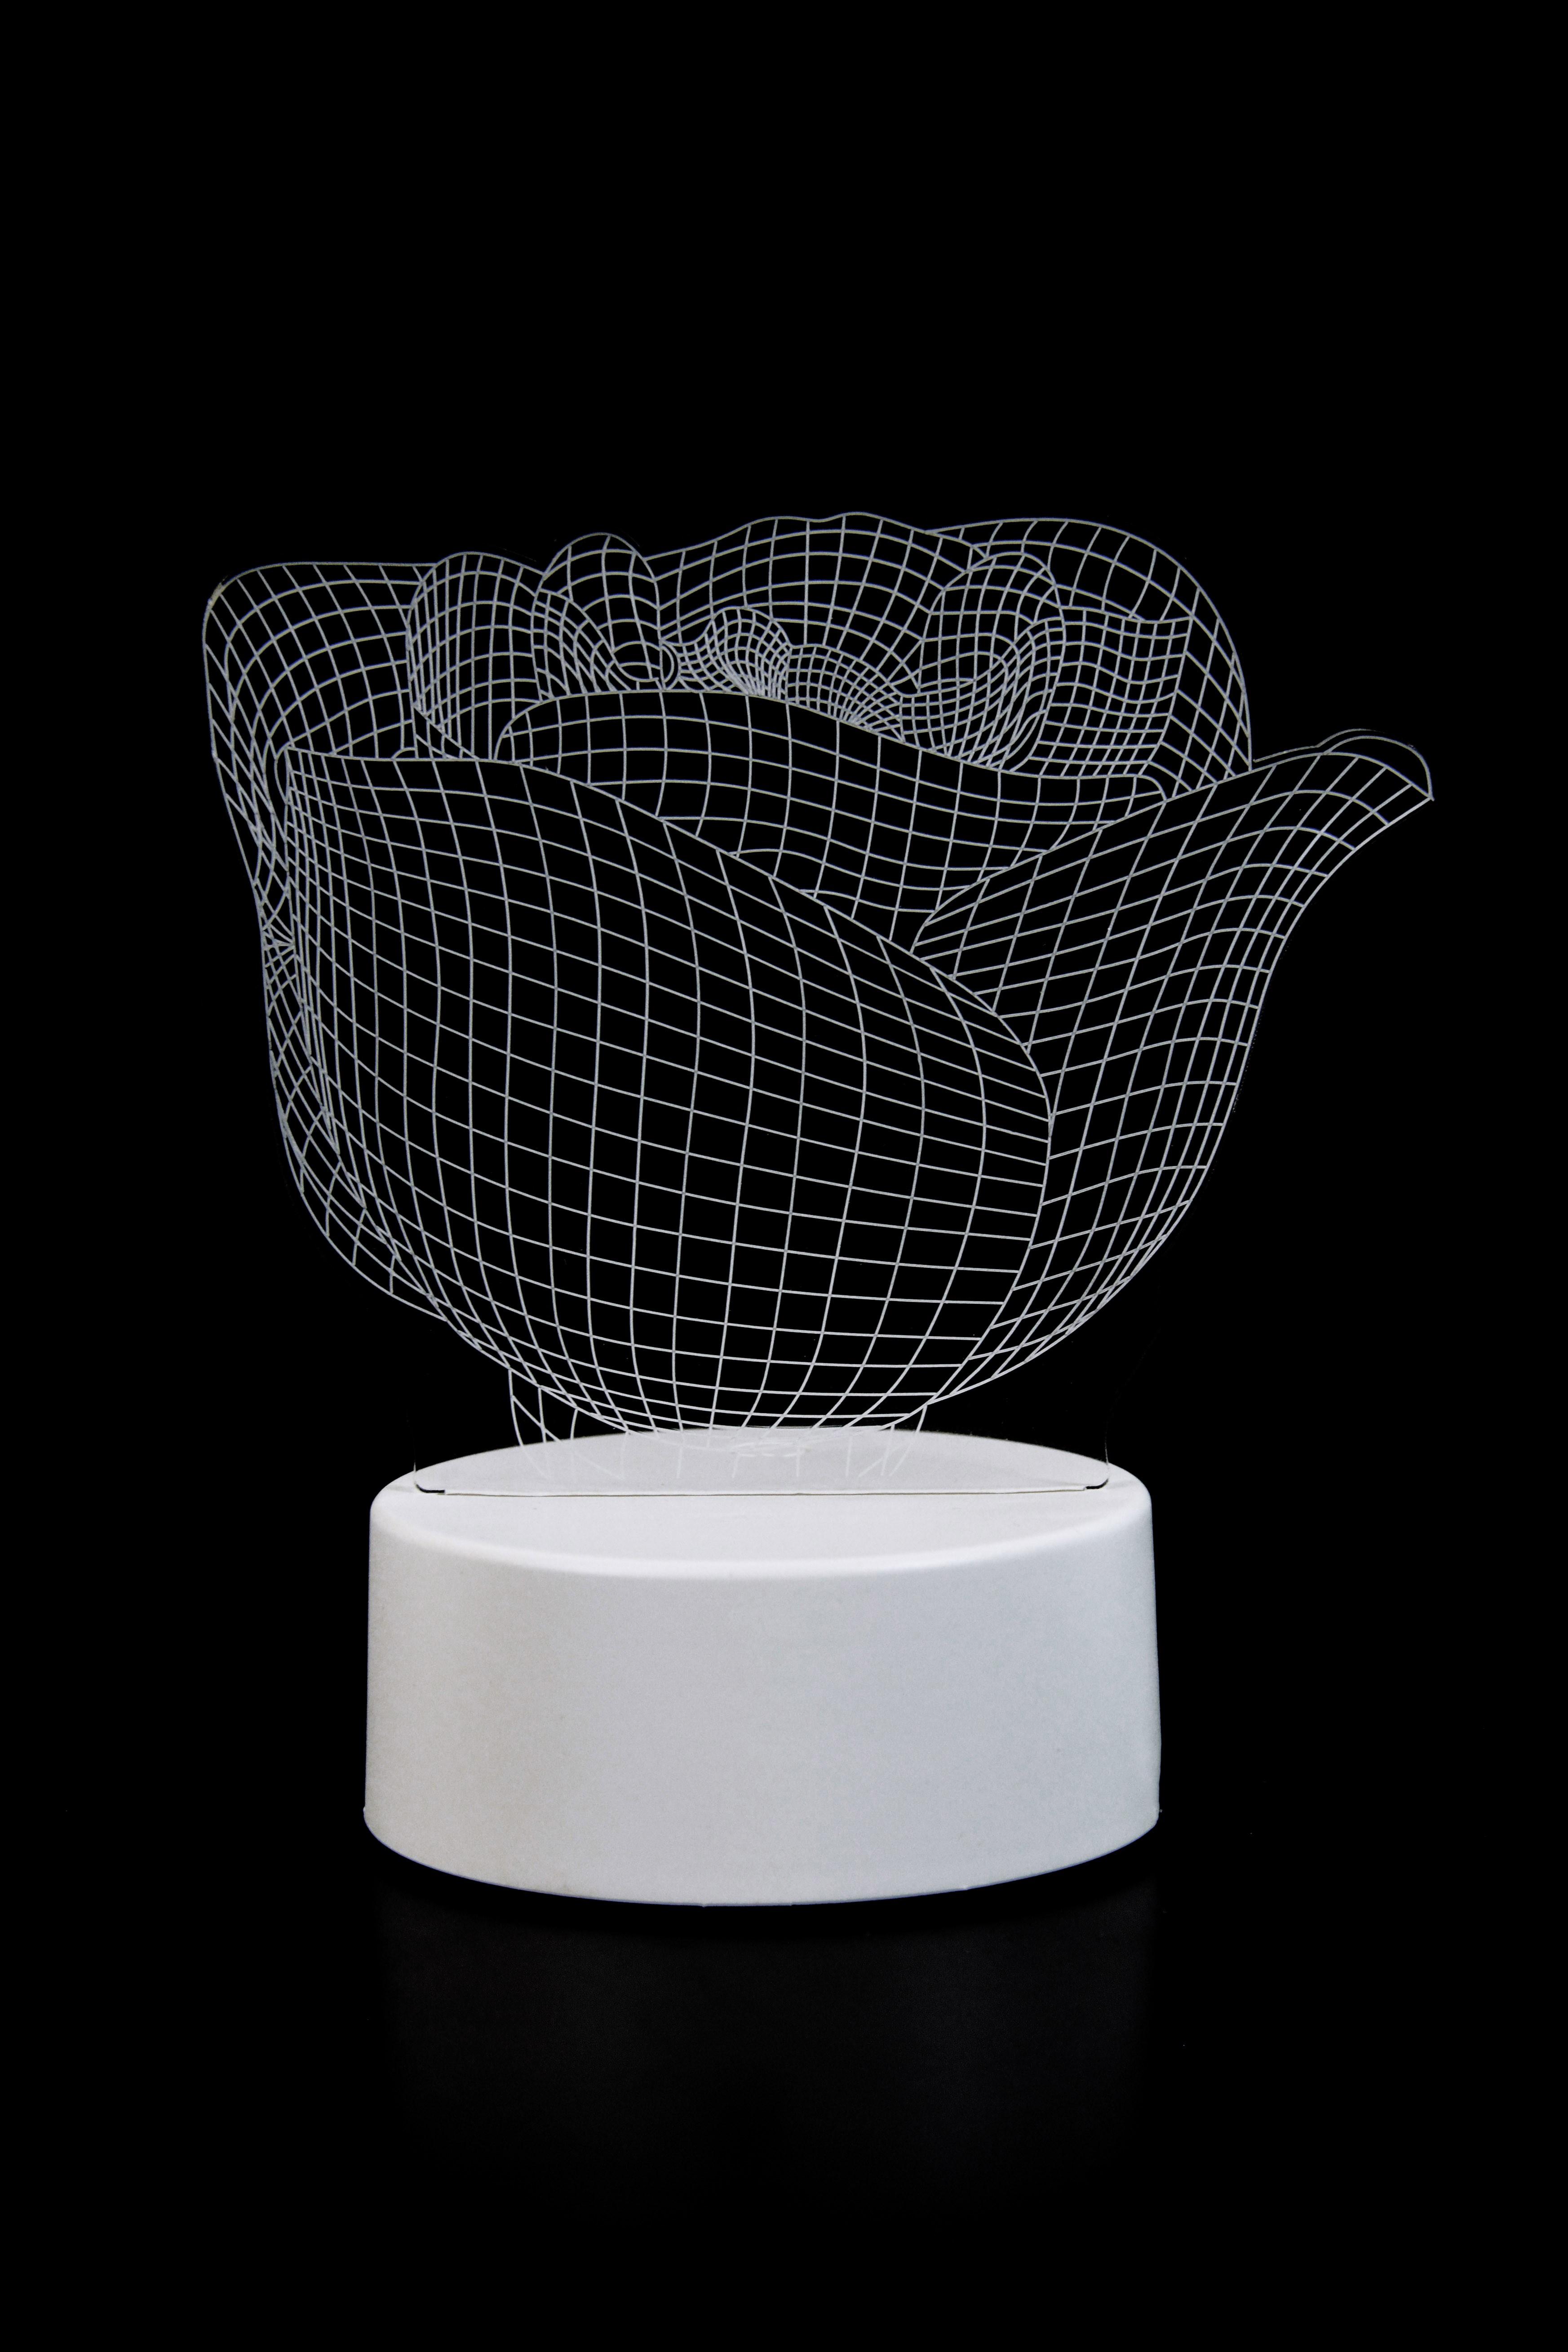 3D светильник Роза 3 цвета в Ярославле